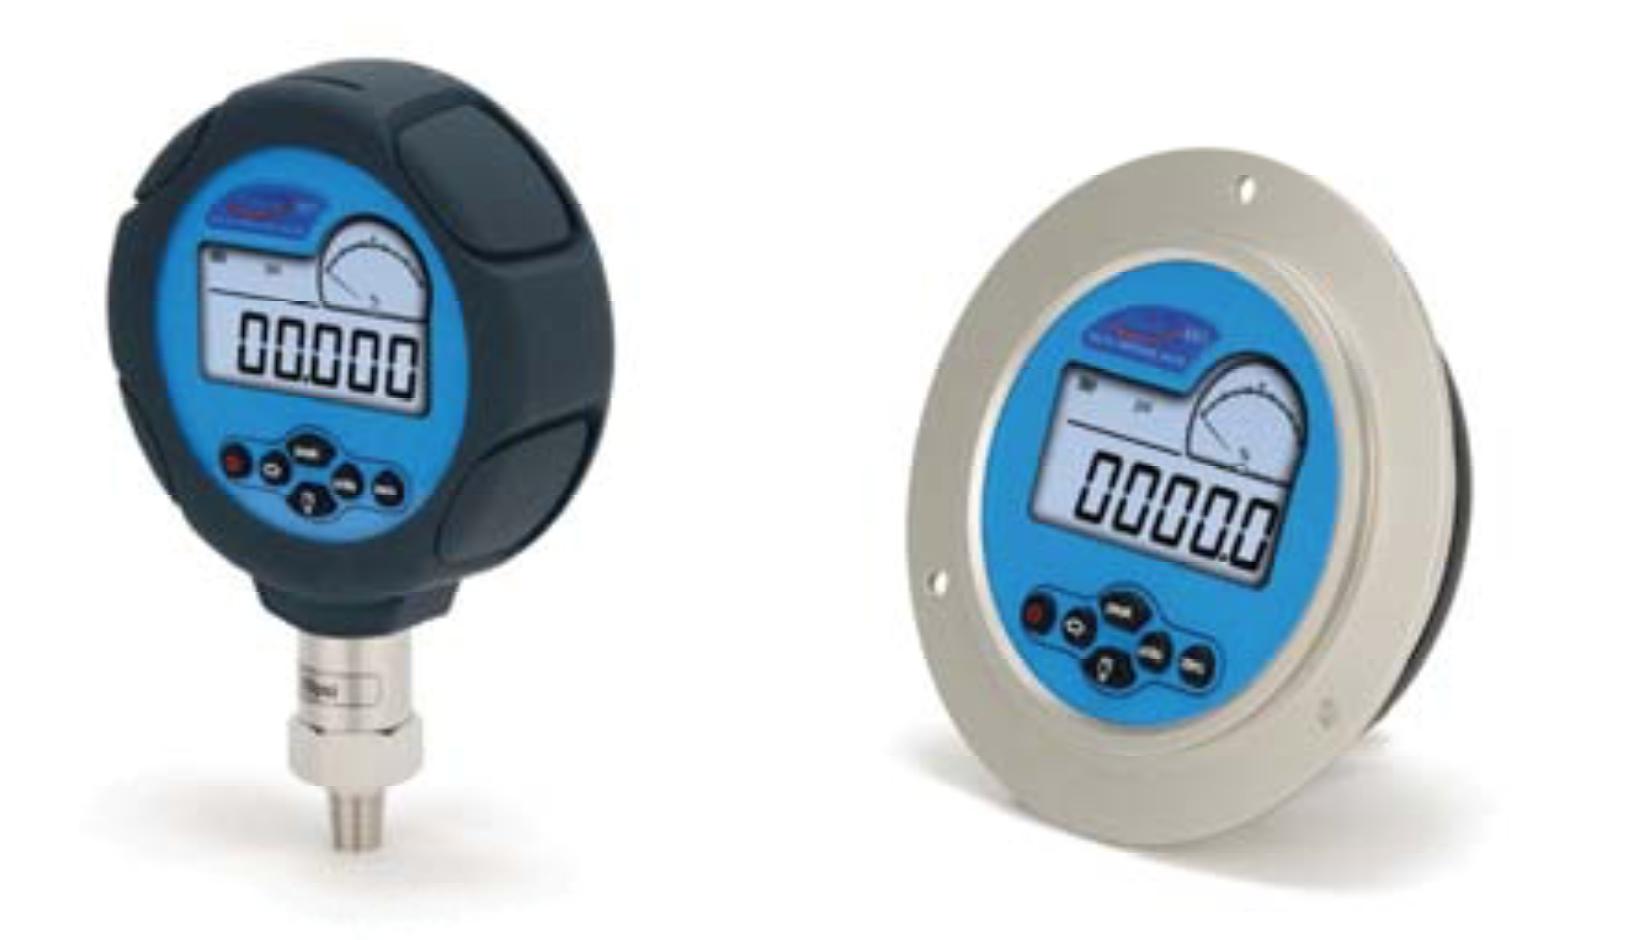 Đồng hồ áp suất điện tử ADT681 | Digital pressure gauge